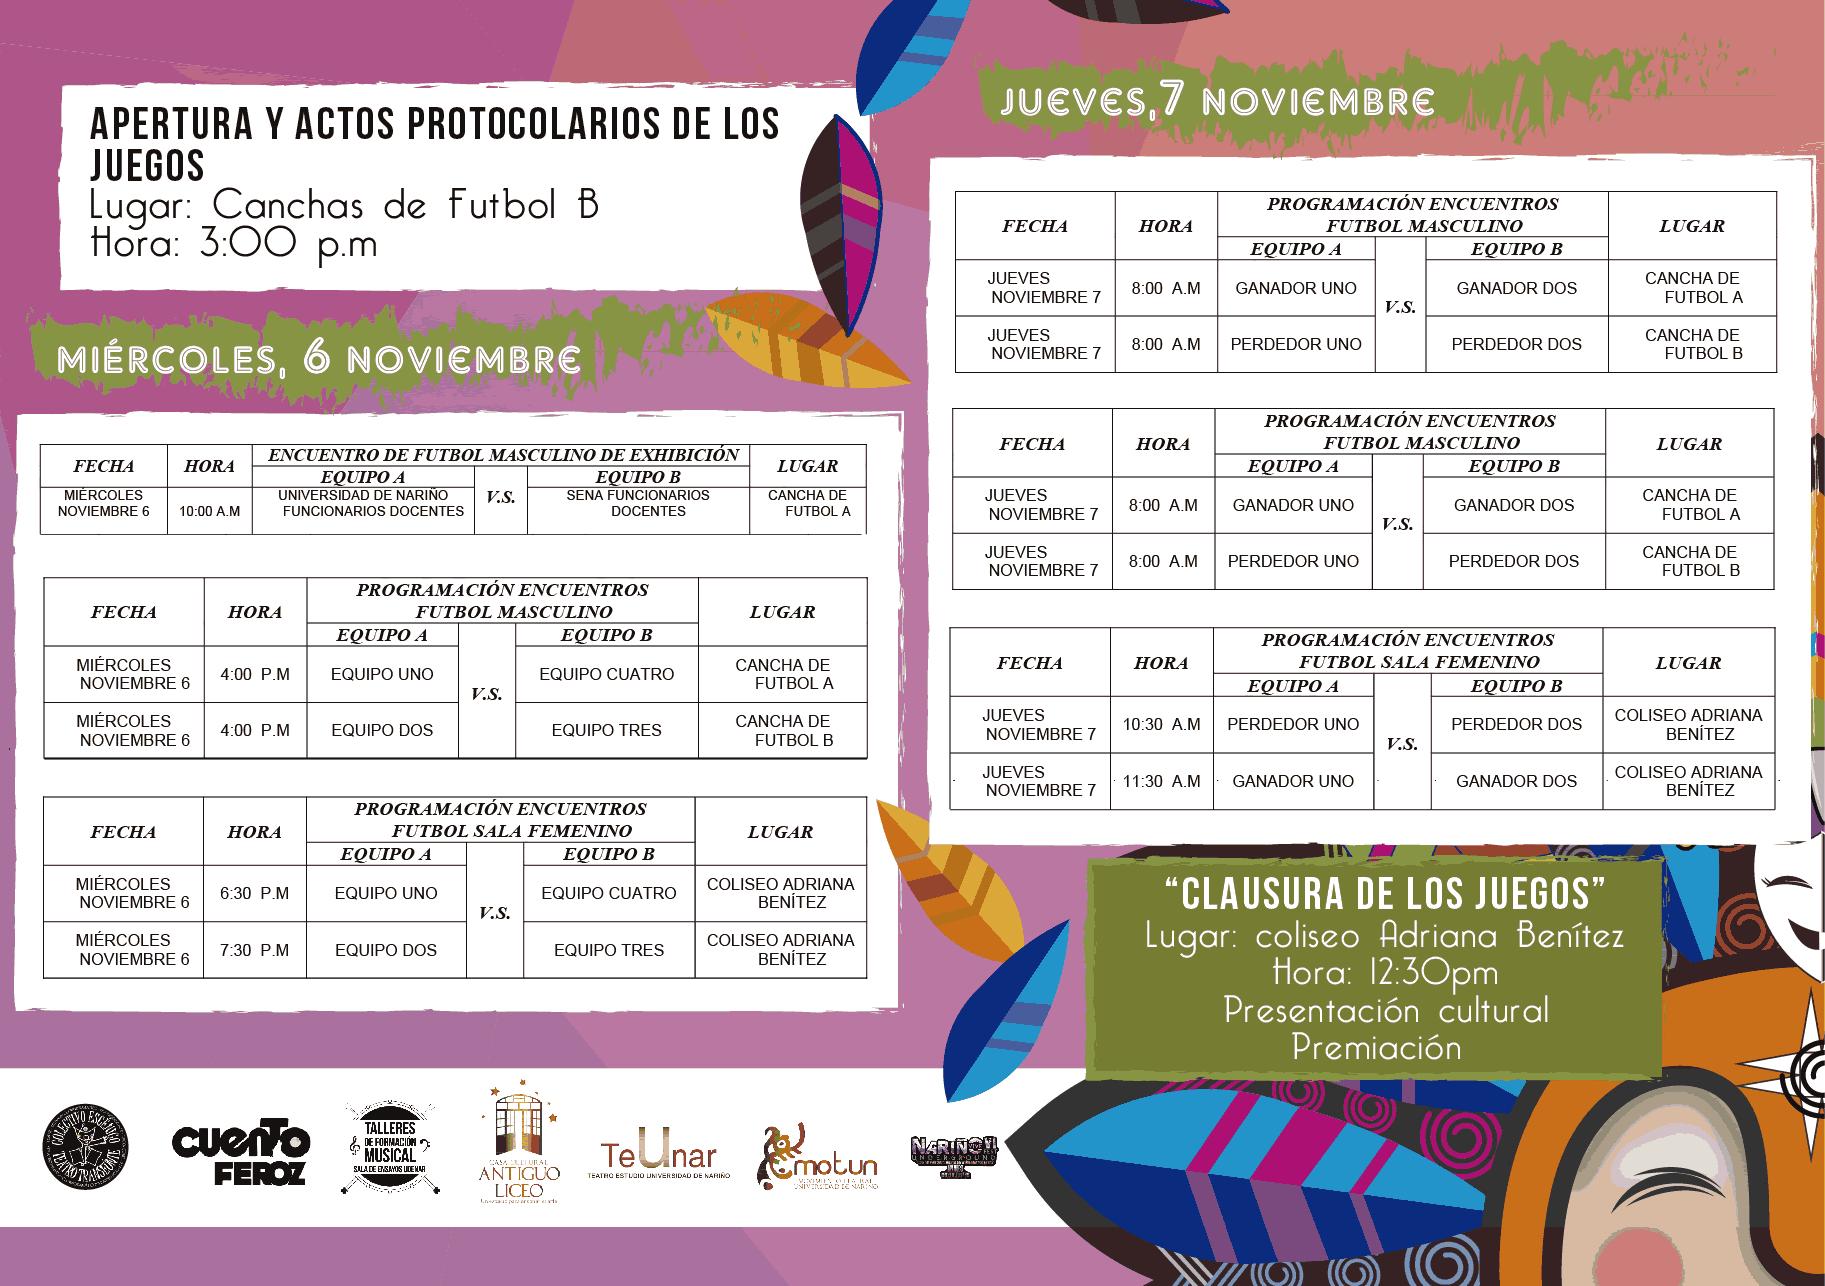 programcion-festival-08